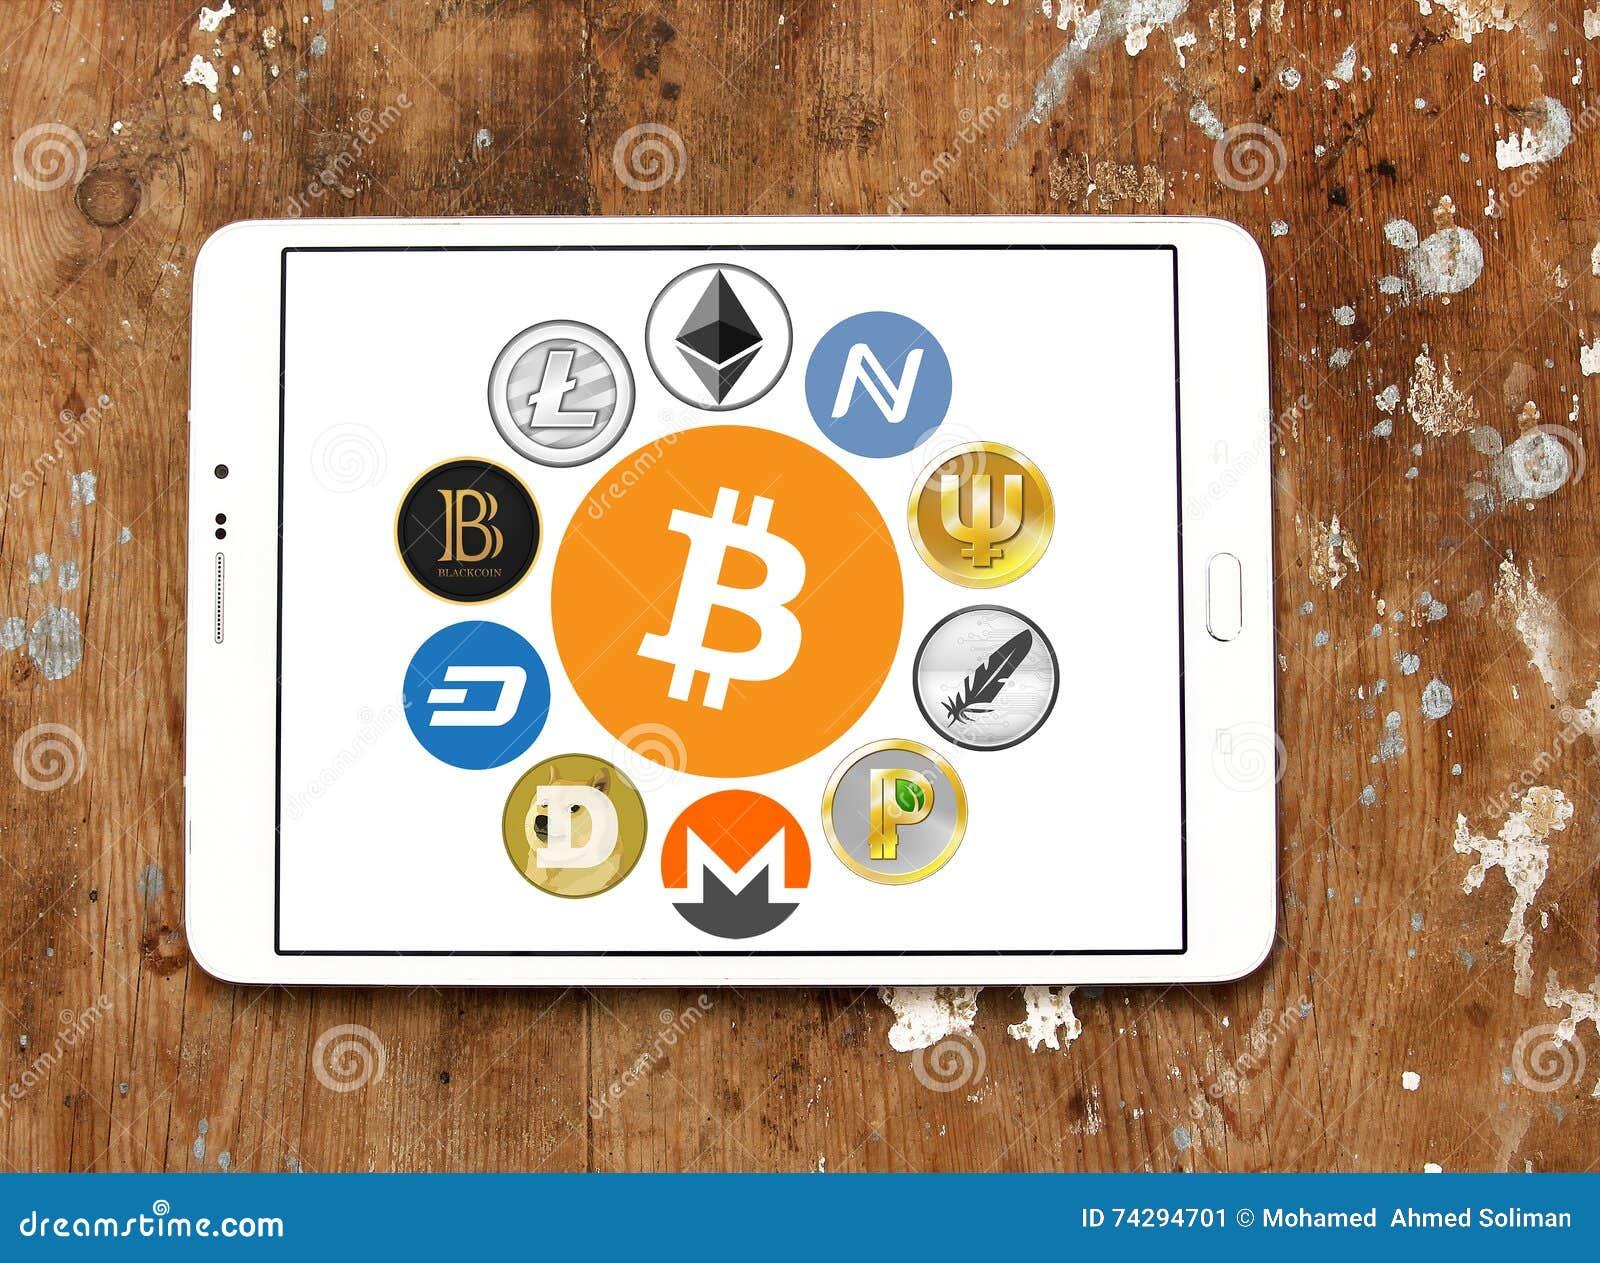 get bitcoin referrals